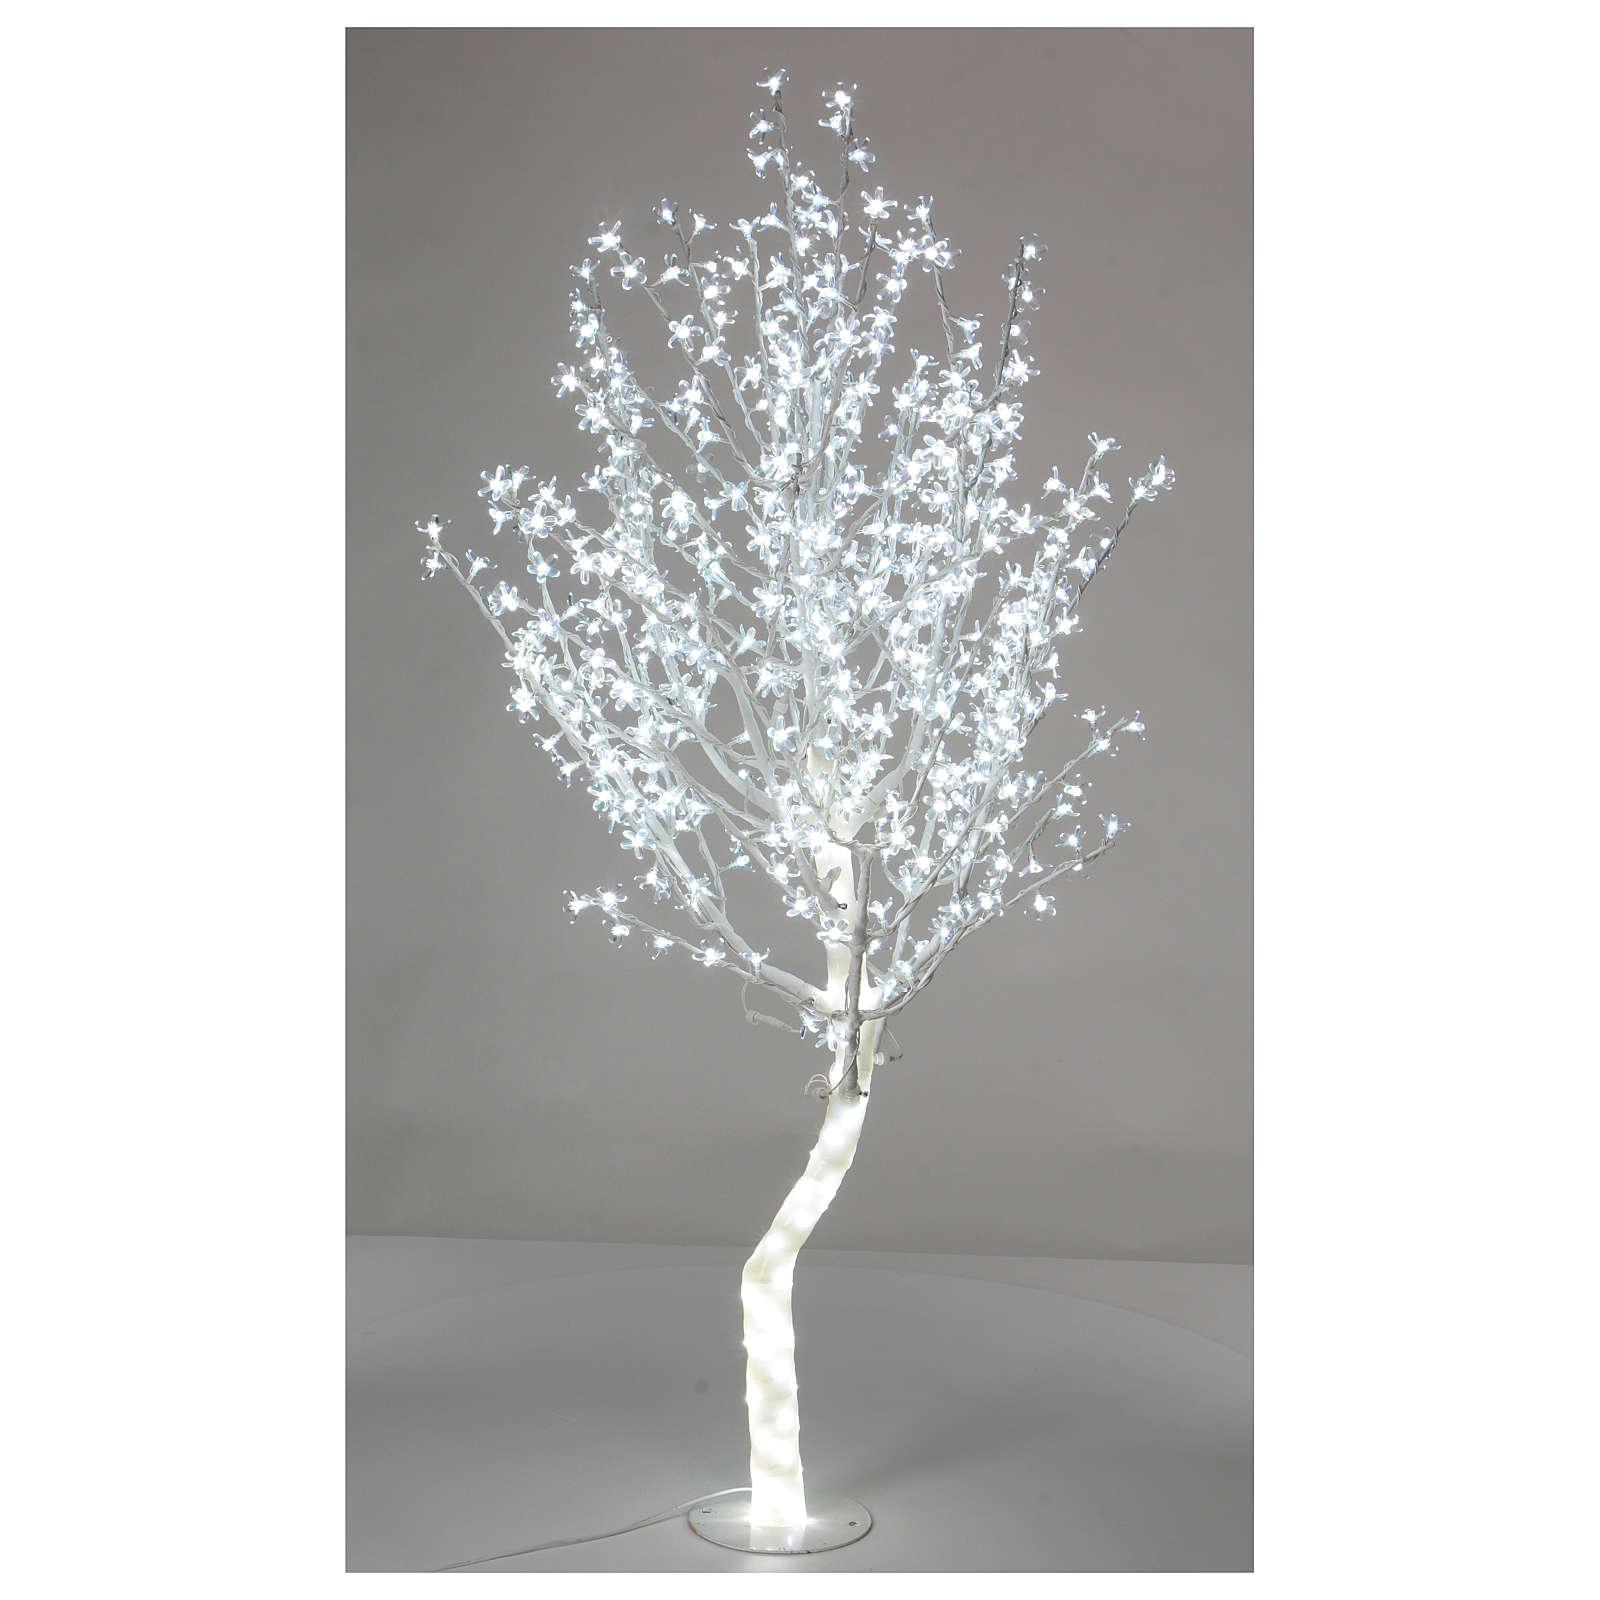 Albero luminoso Ciliegio 180 cm 600 LED bianco freddo esterno 3